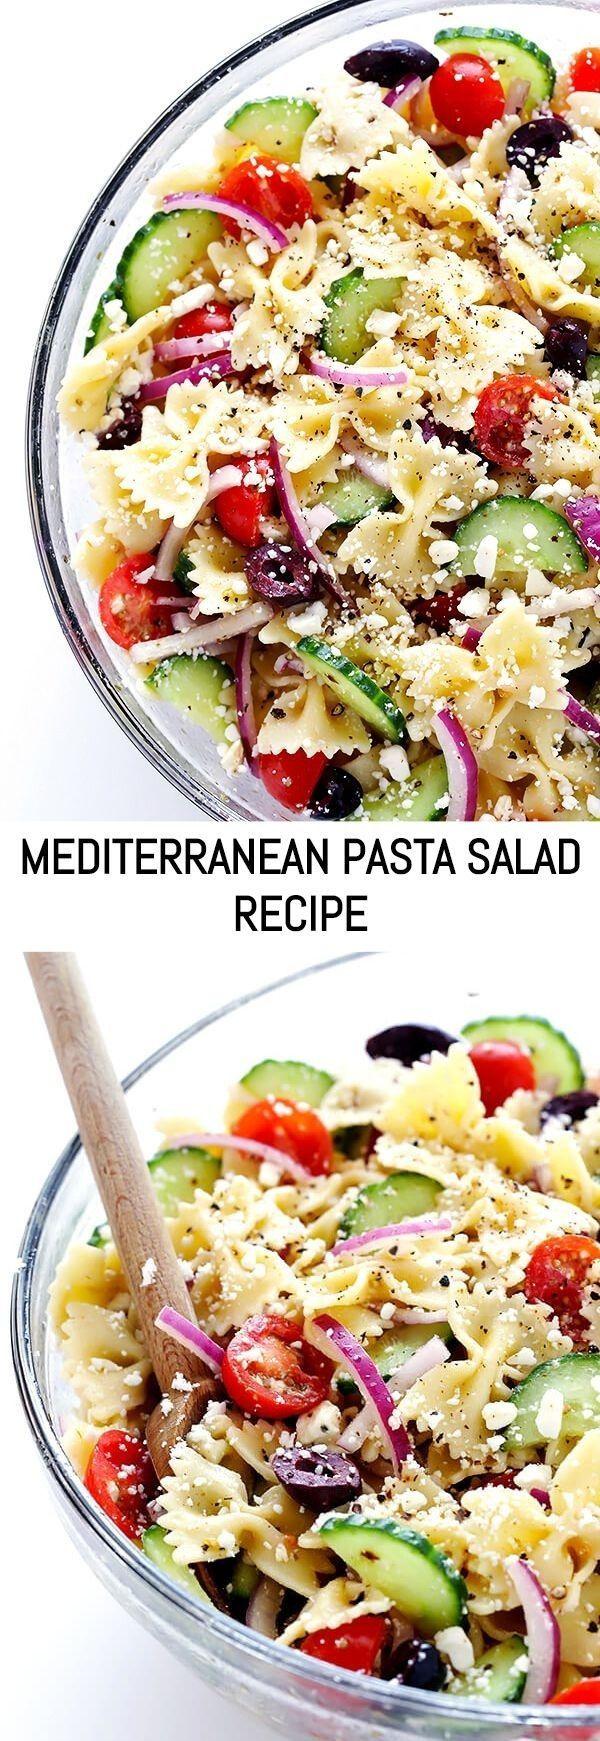 Dieser gekühlte mediterrane Nudelsalat kommt im Handumdrehen zusammen! ZUTATEN: M ... - Recipes Dieser gekühlte mediterrane Nudelsalat kommt im Handumdrehen zusammen! ZUTATEN: M ...   - Recipes -